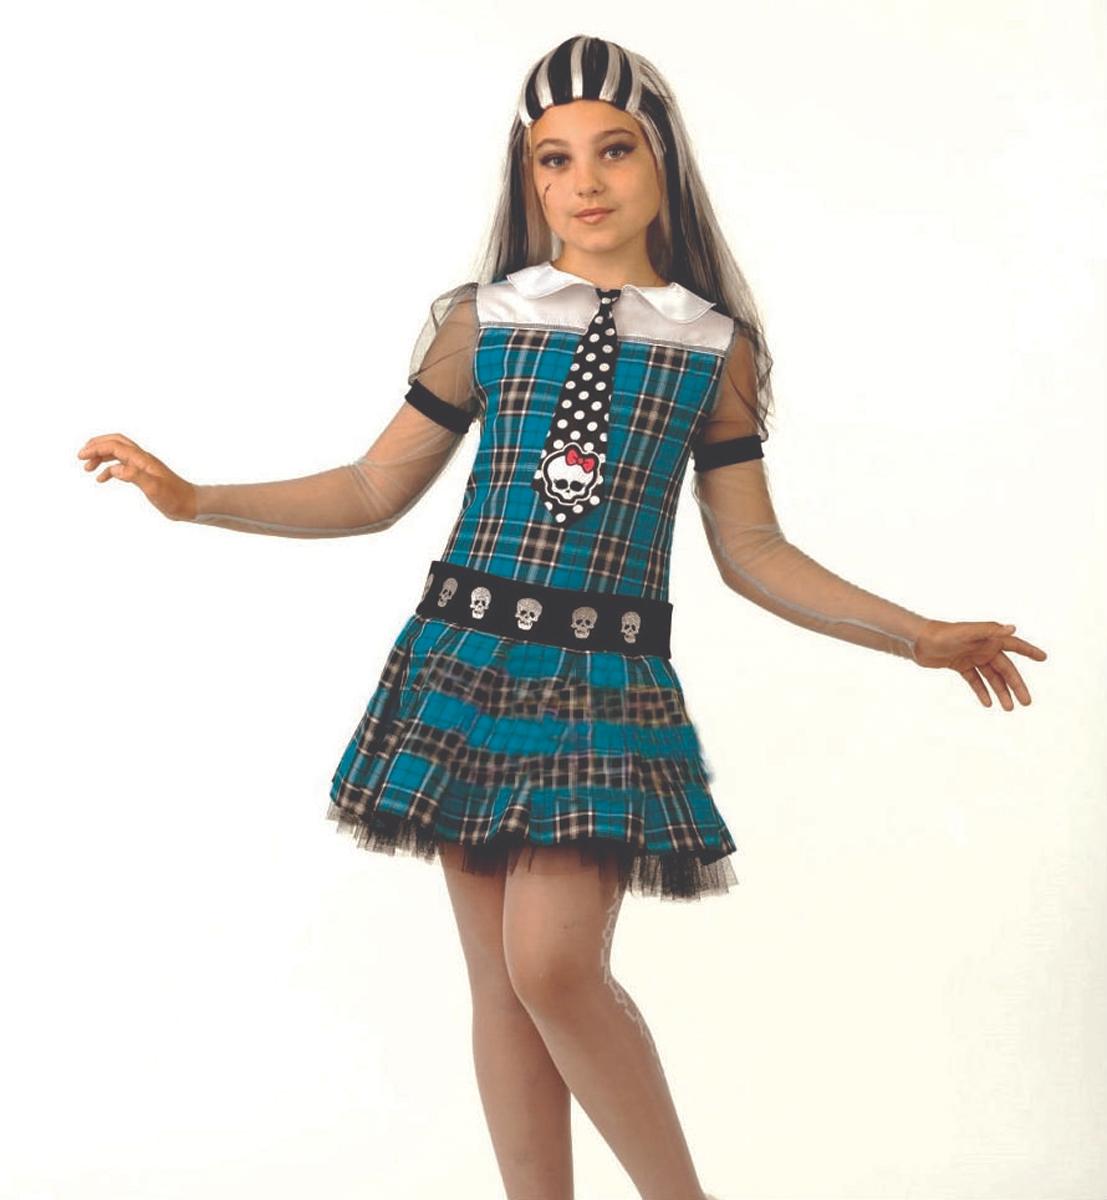 купить Батик Костюм карнавальный для девочки Фрэнки Штейн размер 36 онлайн